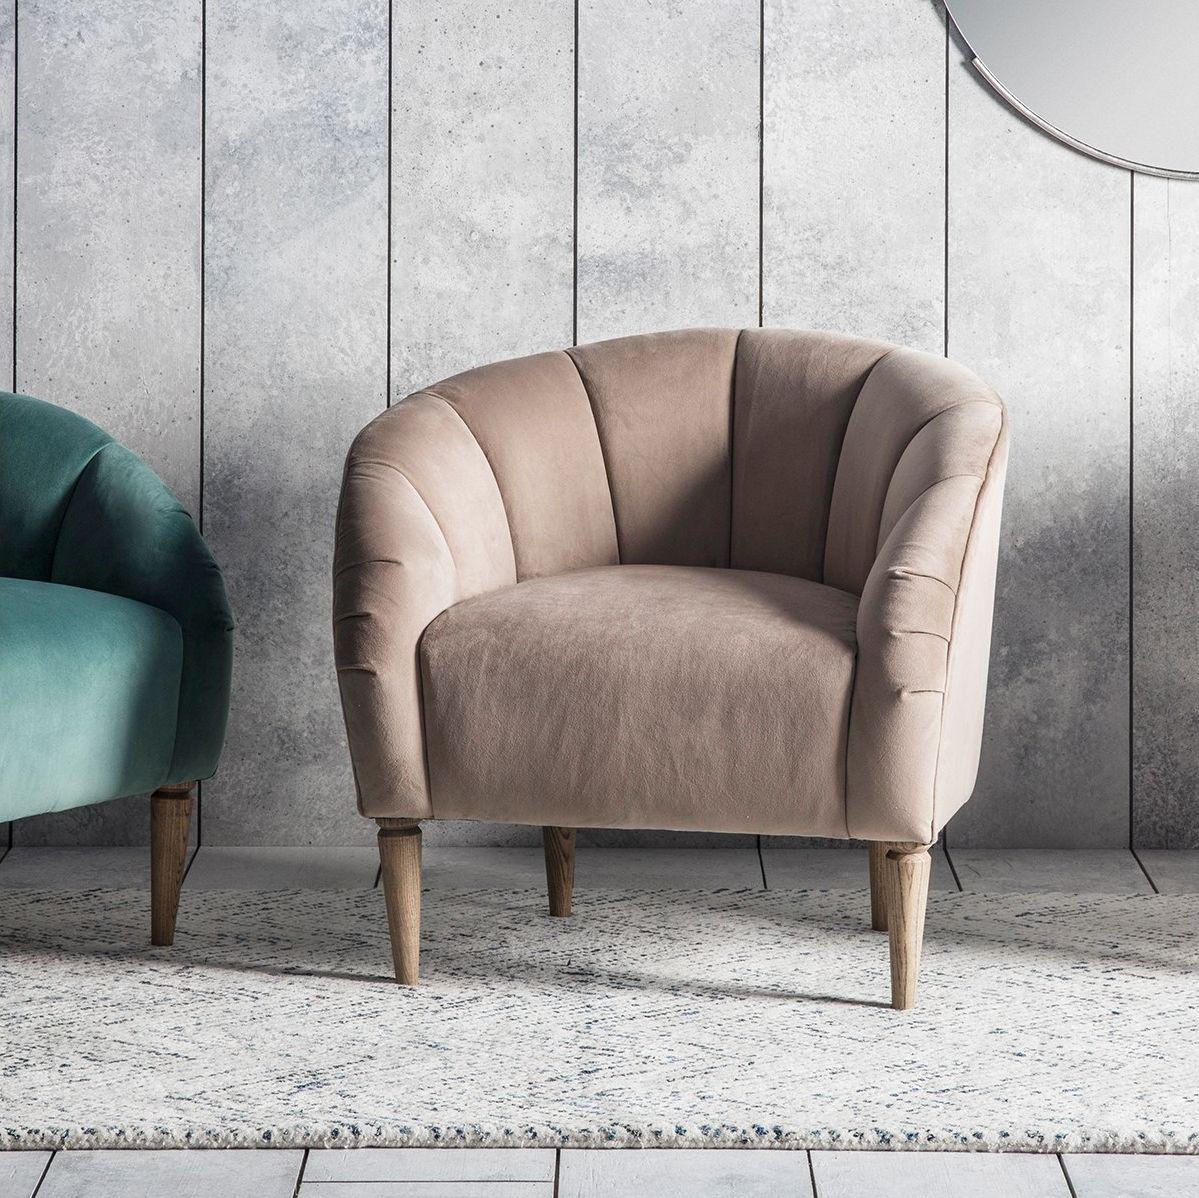 Gallery Tulip Chair Cream Velvet Elegant statement